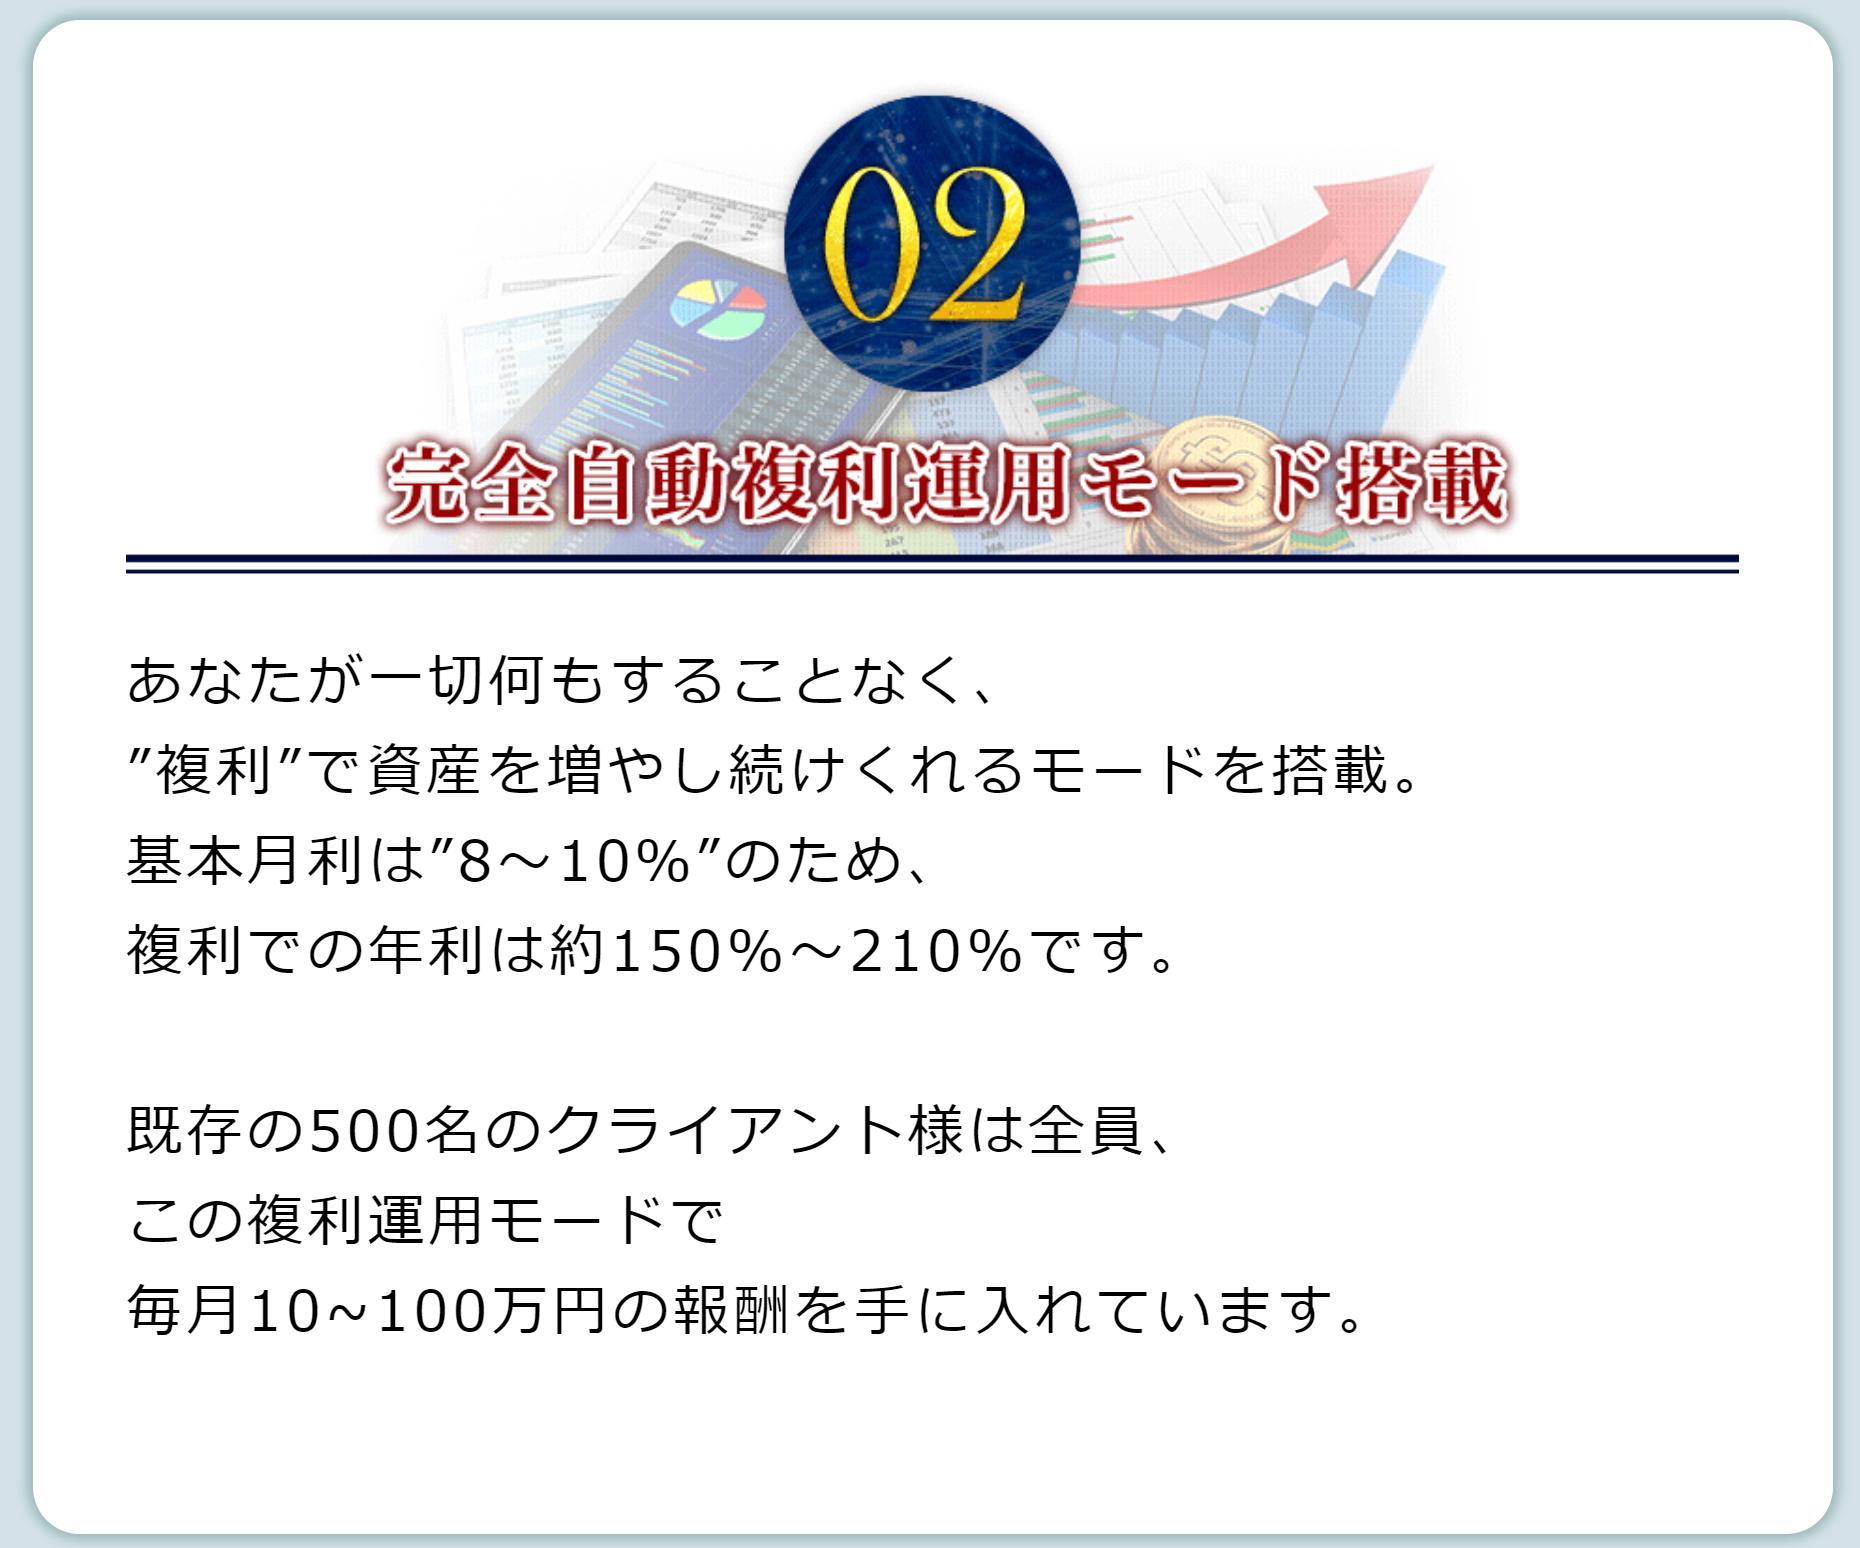 吉田慎也 億り愛プロジェクト(配当型ICO)8